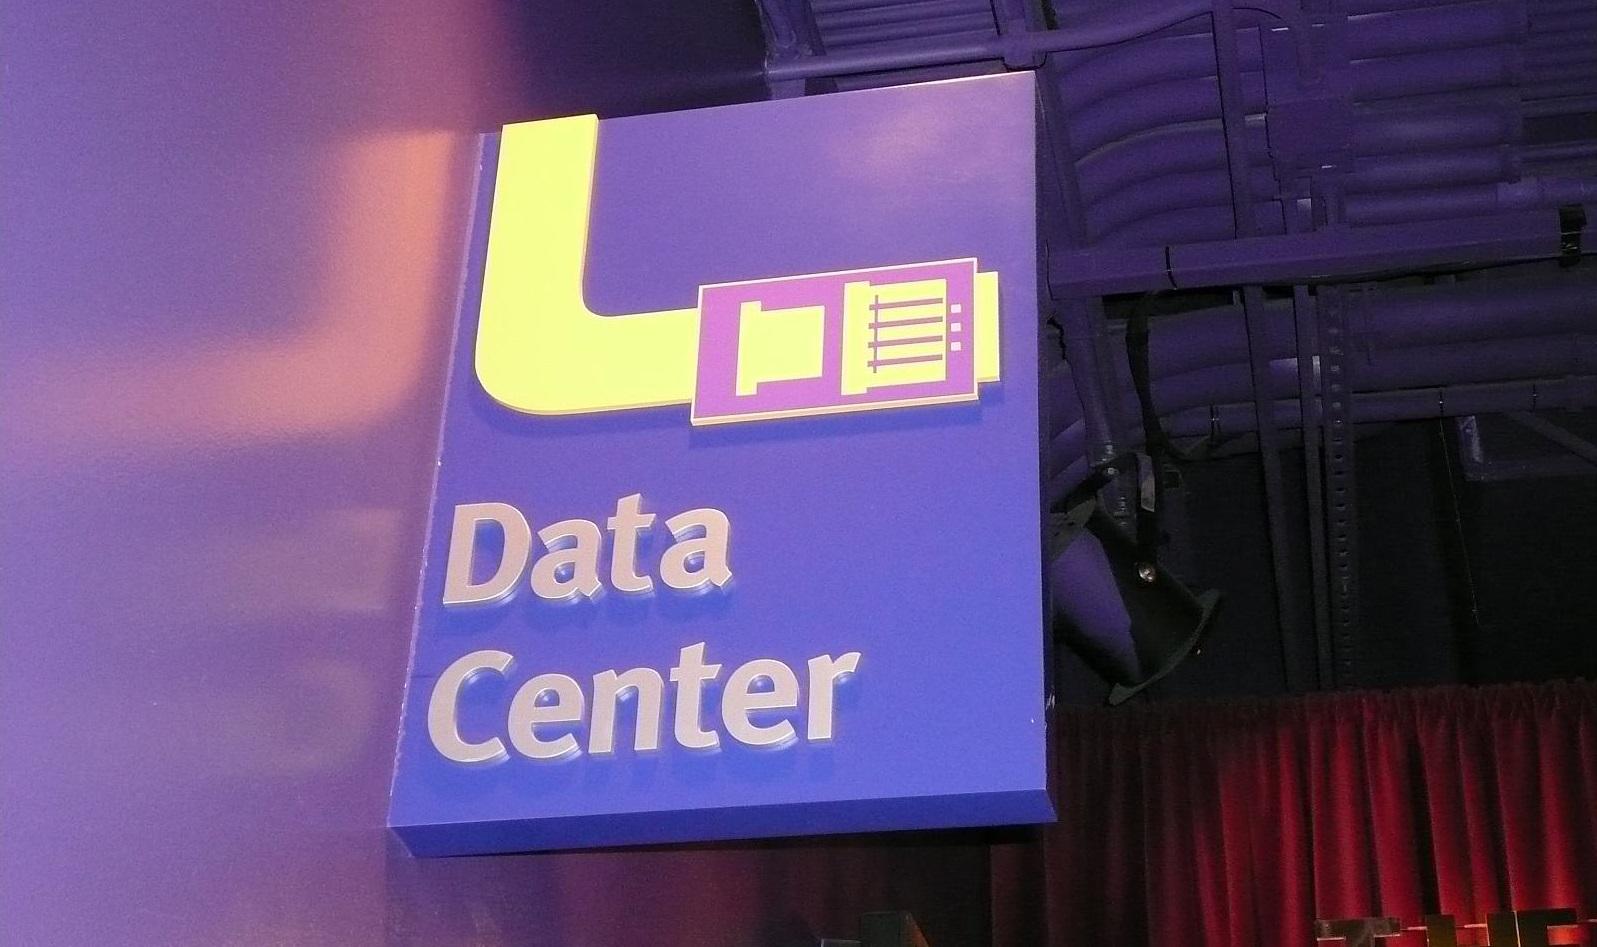 «Кроме Tier»: какие еще бывают стандарты оценки дата-центров